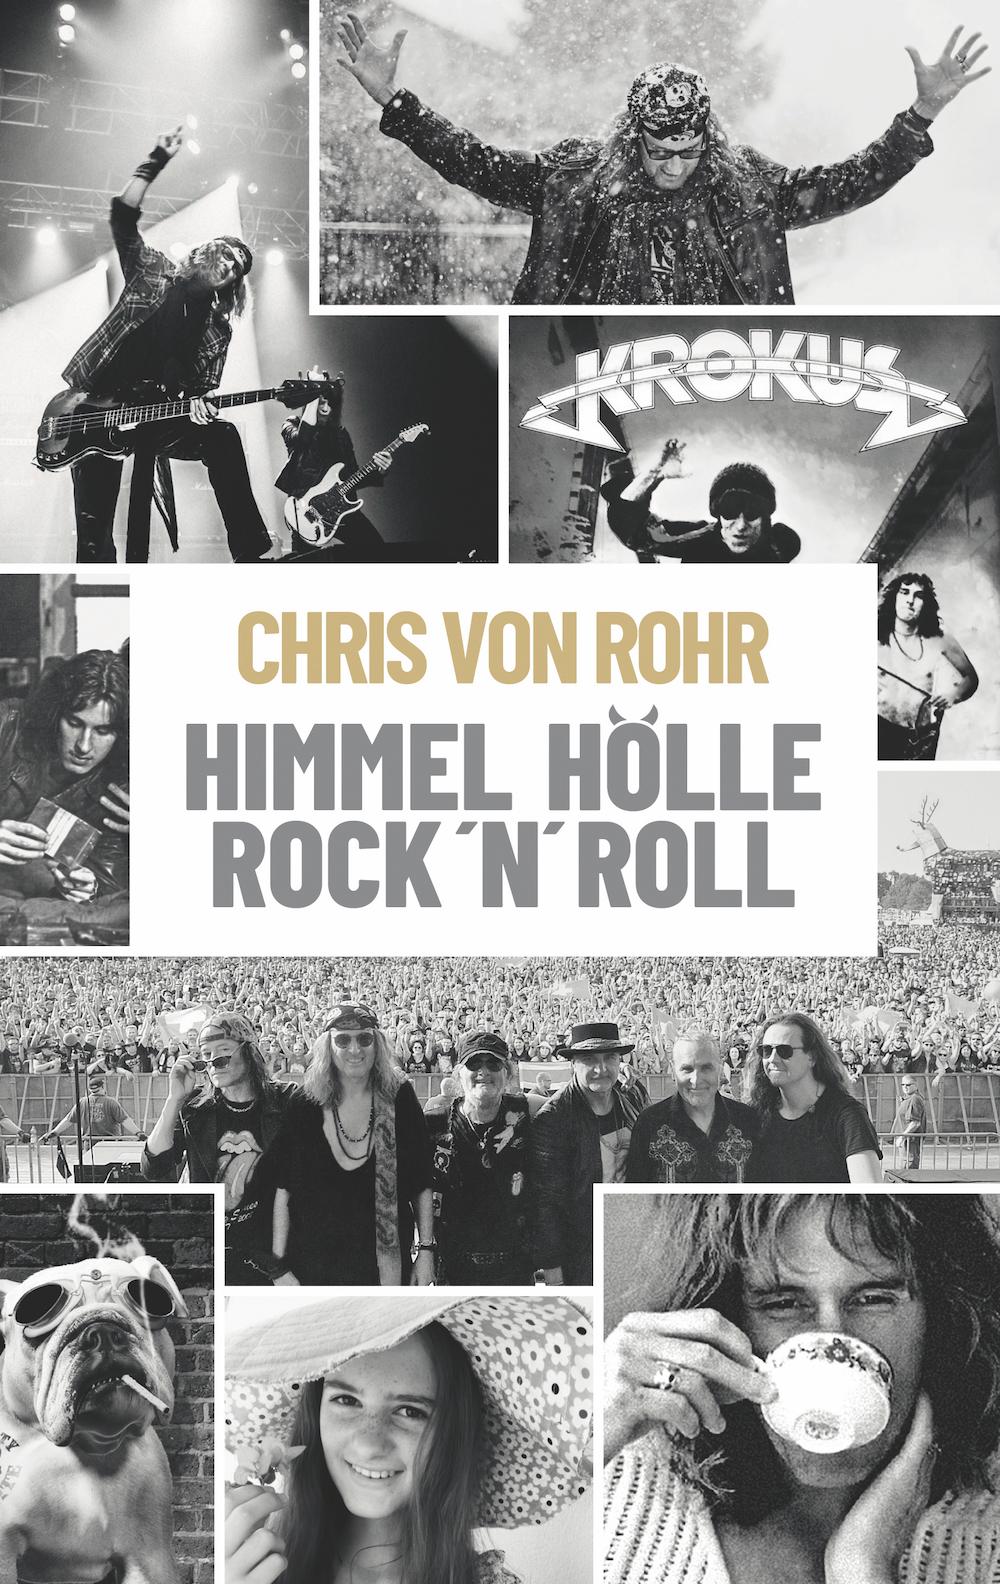 da rockbible